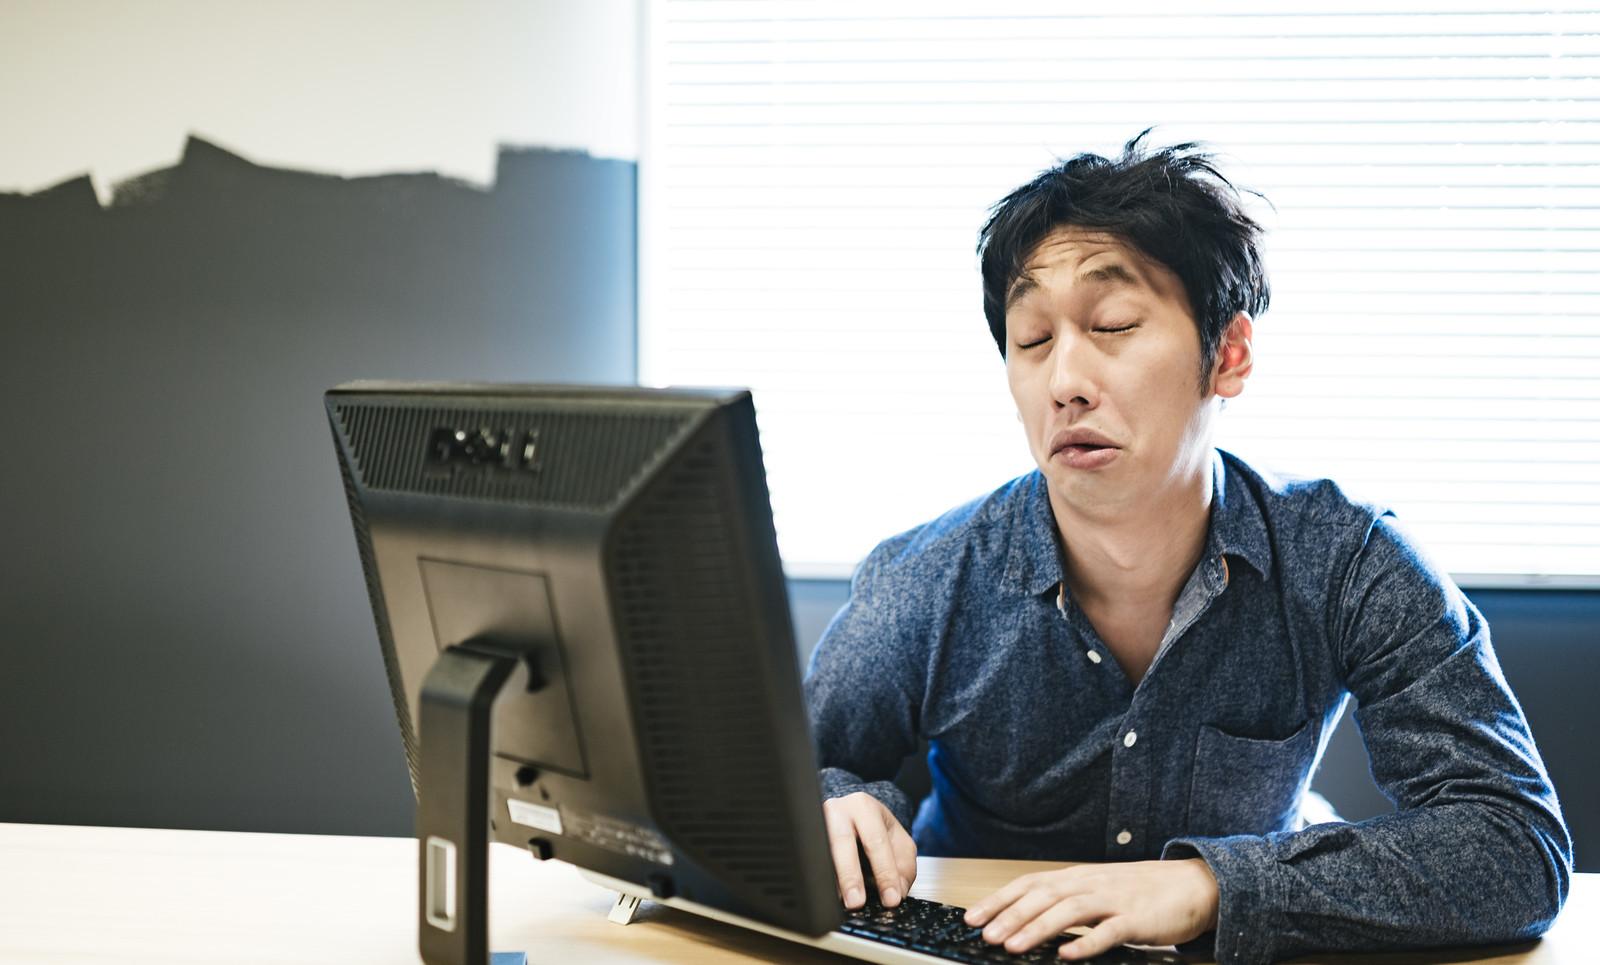 辛い苦しい助けてと心の声が漏れている疲れた男性の画像